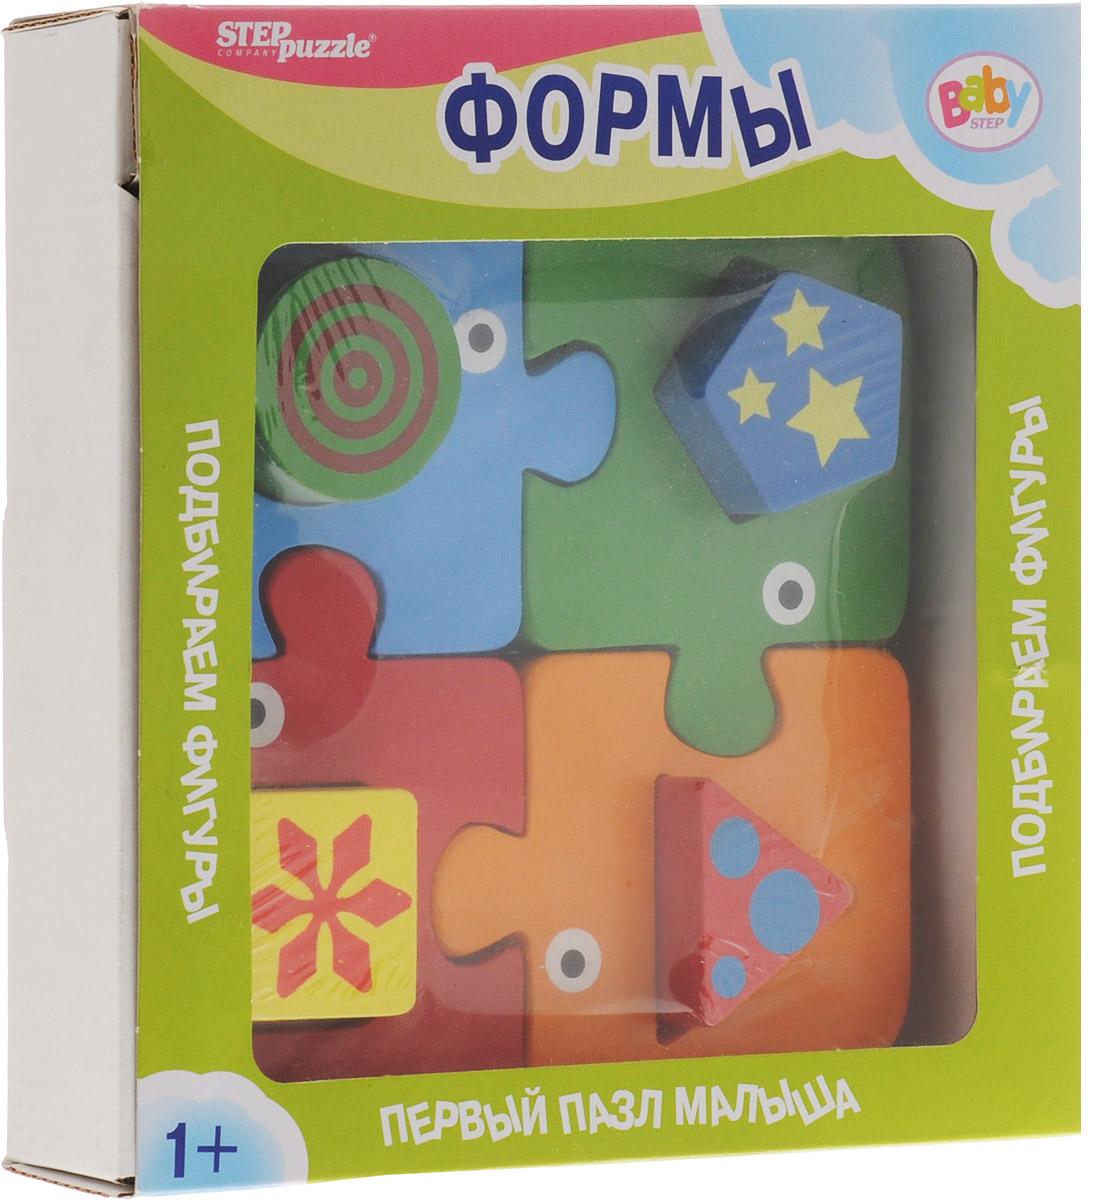 Step Puzzle Пазл для малышей Формы89028Пазл для малышей Step Puzzle Формы несет энергию живой природы, благотворно влияет на здоровье и психику ребенка. Пазл ориентирован на активное развитие мелкой моторики, сенсорики, речи, памяти, внимания, логического и образного мышления вашего ребенка. Элементы пазла выполнены из прочного дерева. Игра специально разработана для занятий с детьми от 1 года до 3х лет.